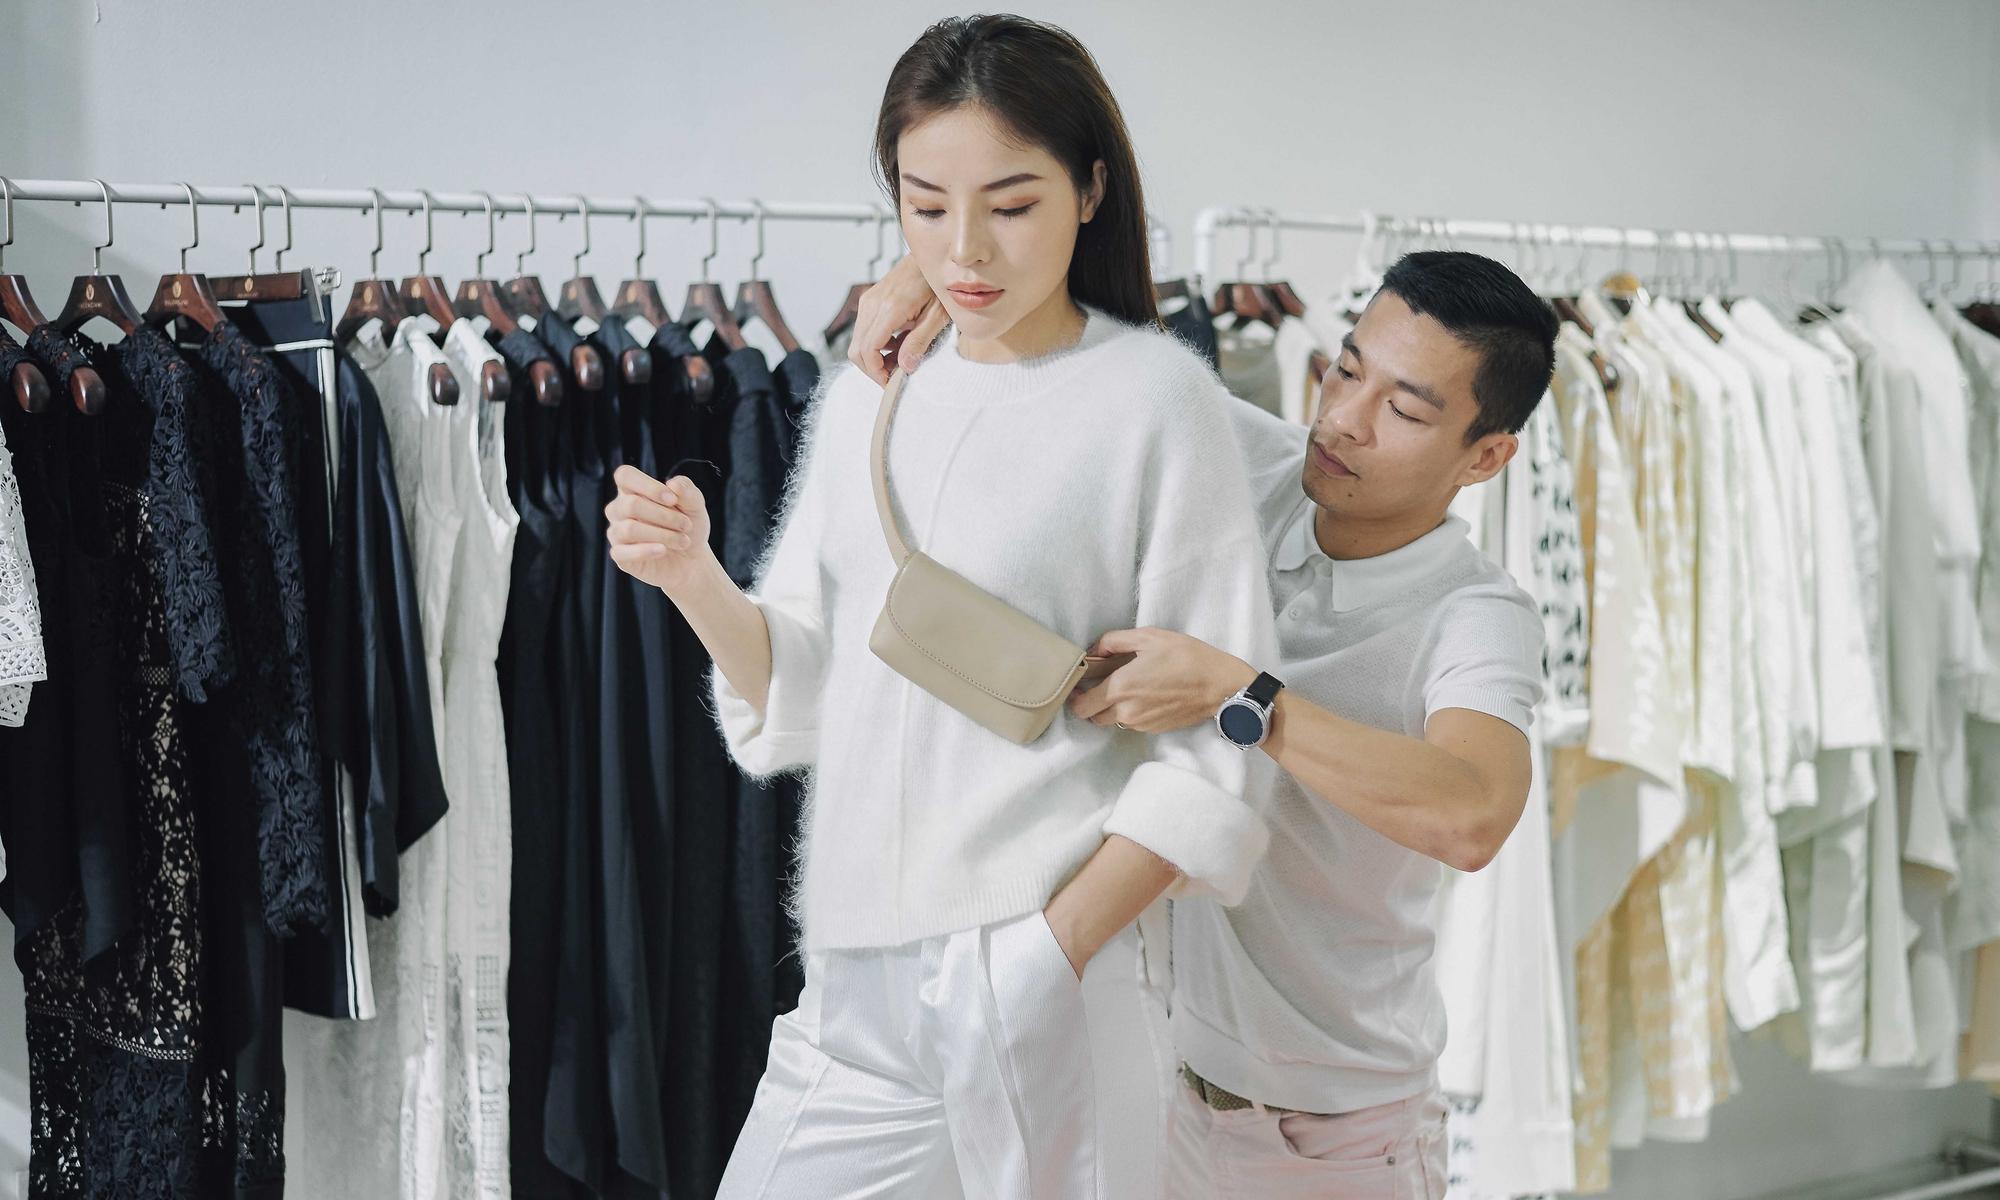 Kỳ Duyên ngày một ra dáng fashion icon, đọ sắc với Phạm Hương trong buổi thử đồ của NTK Adrian Anh Tuấn - Ảnh 7.